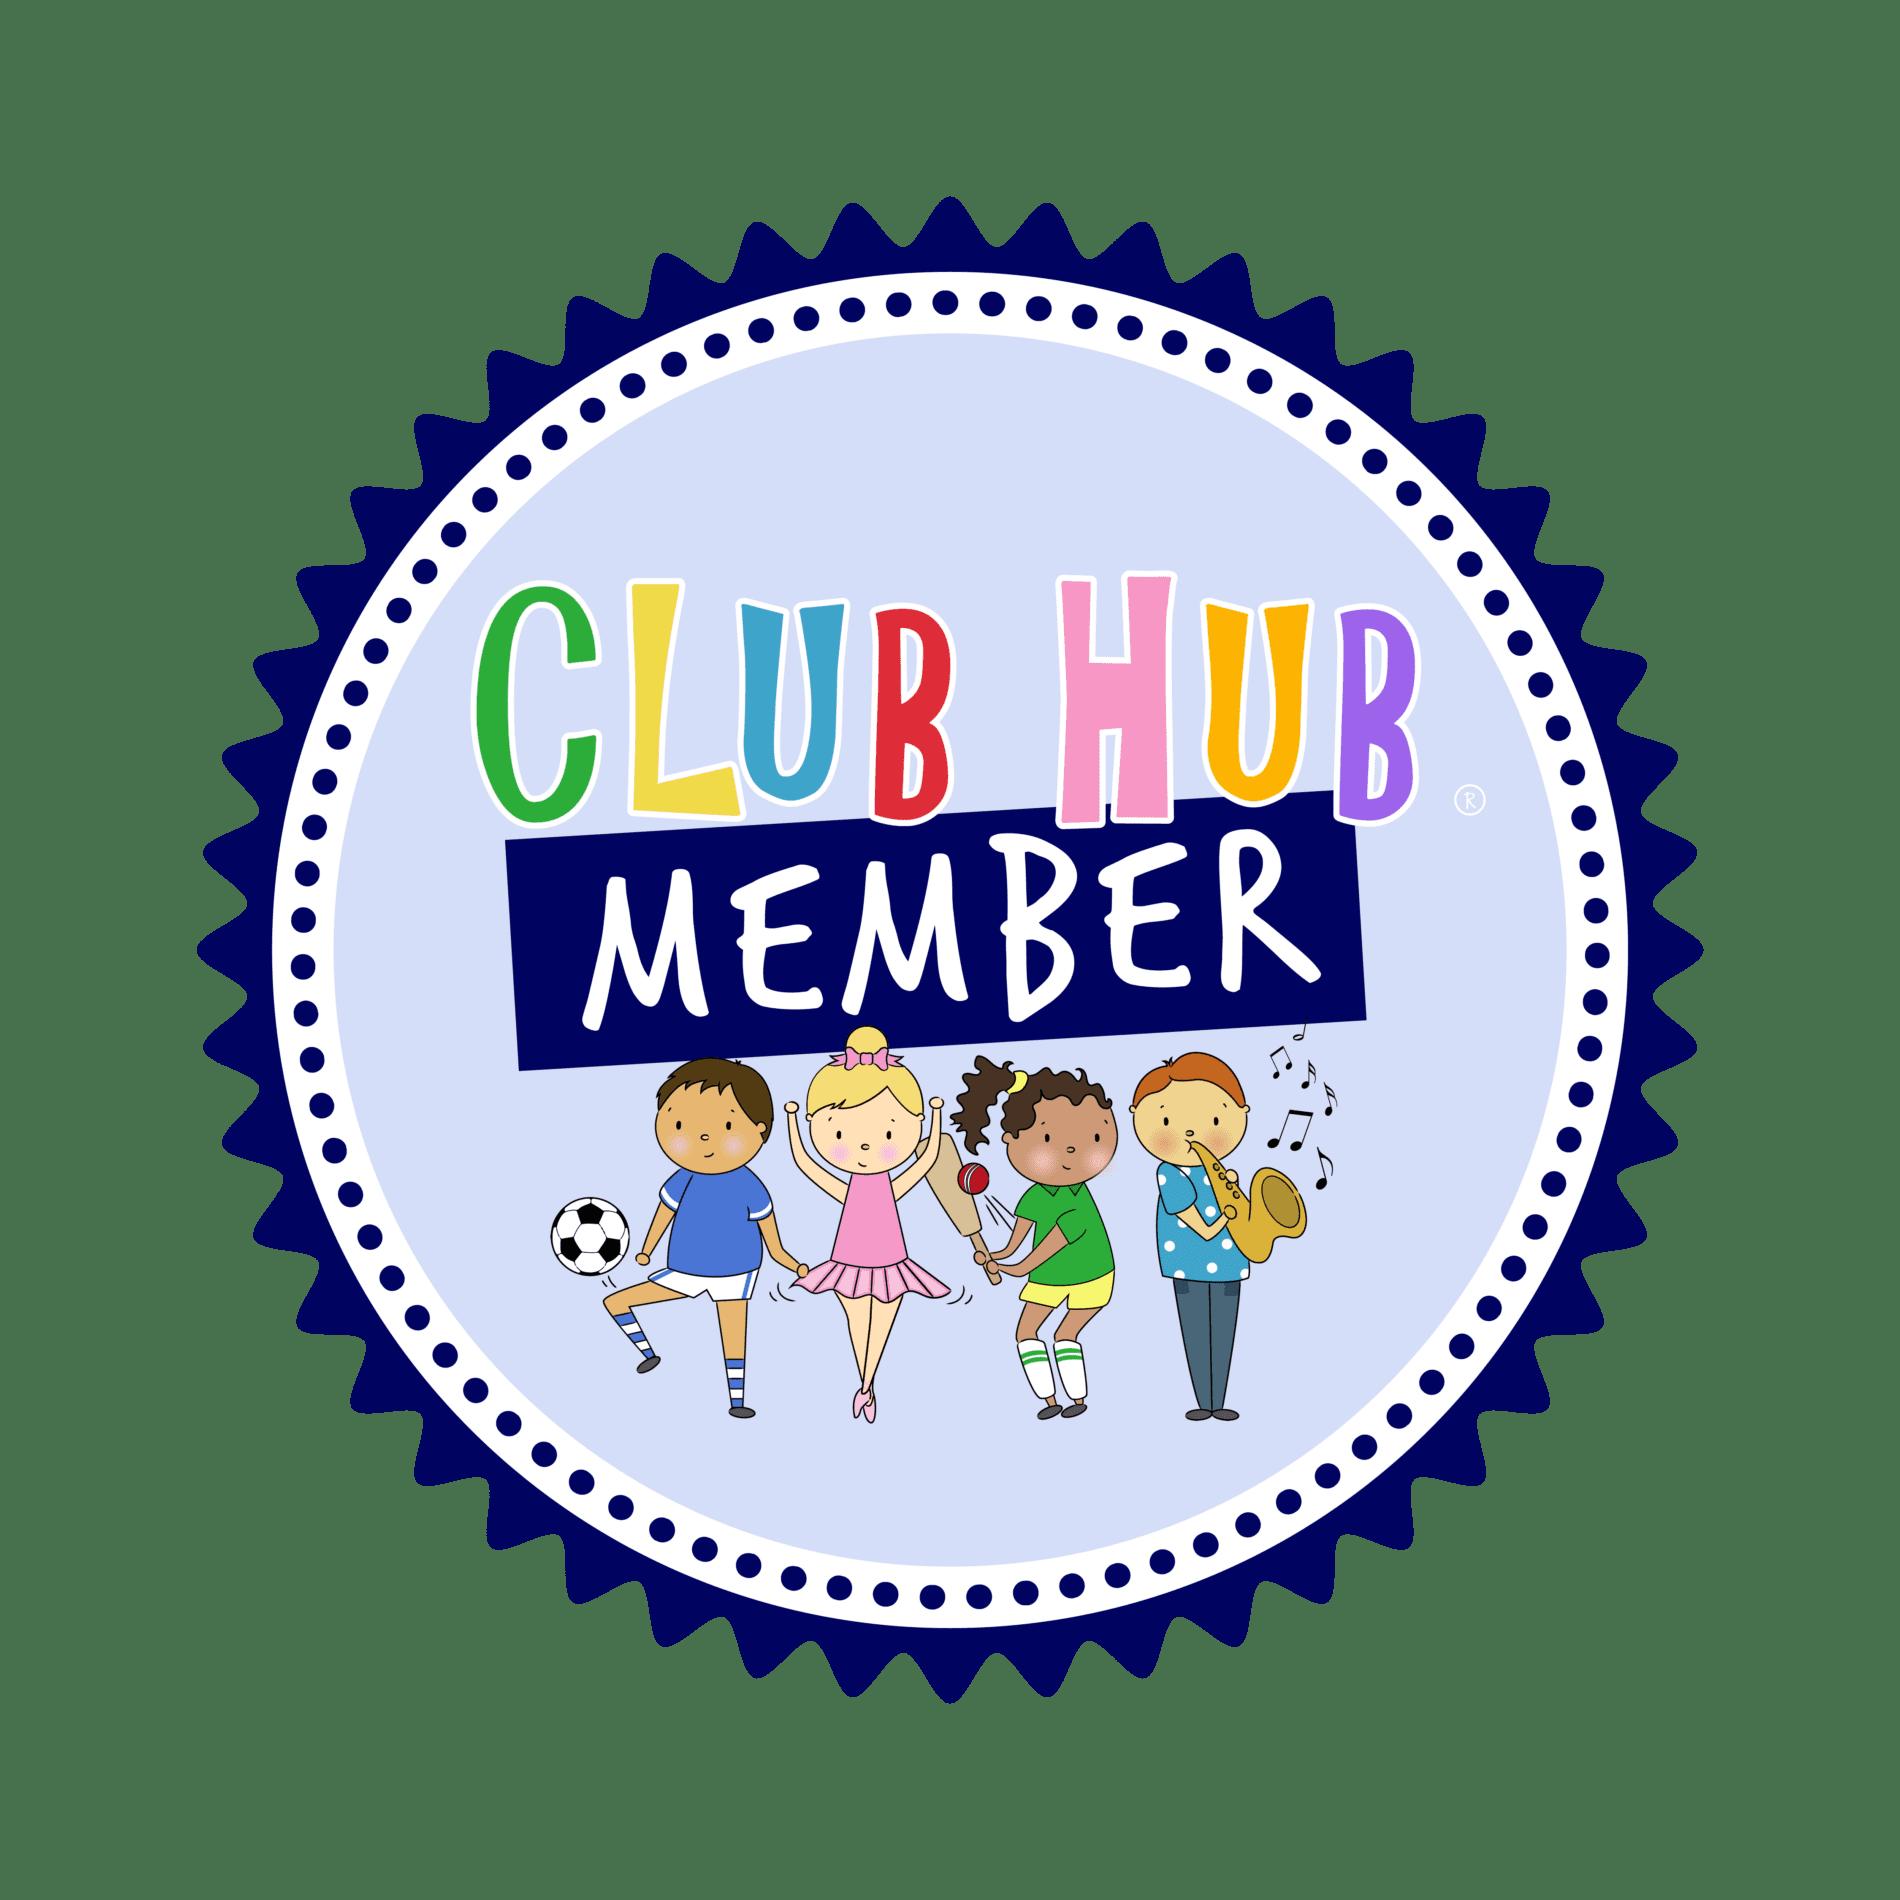 Club Hub